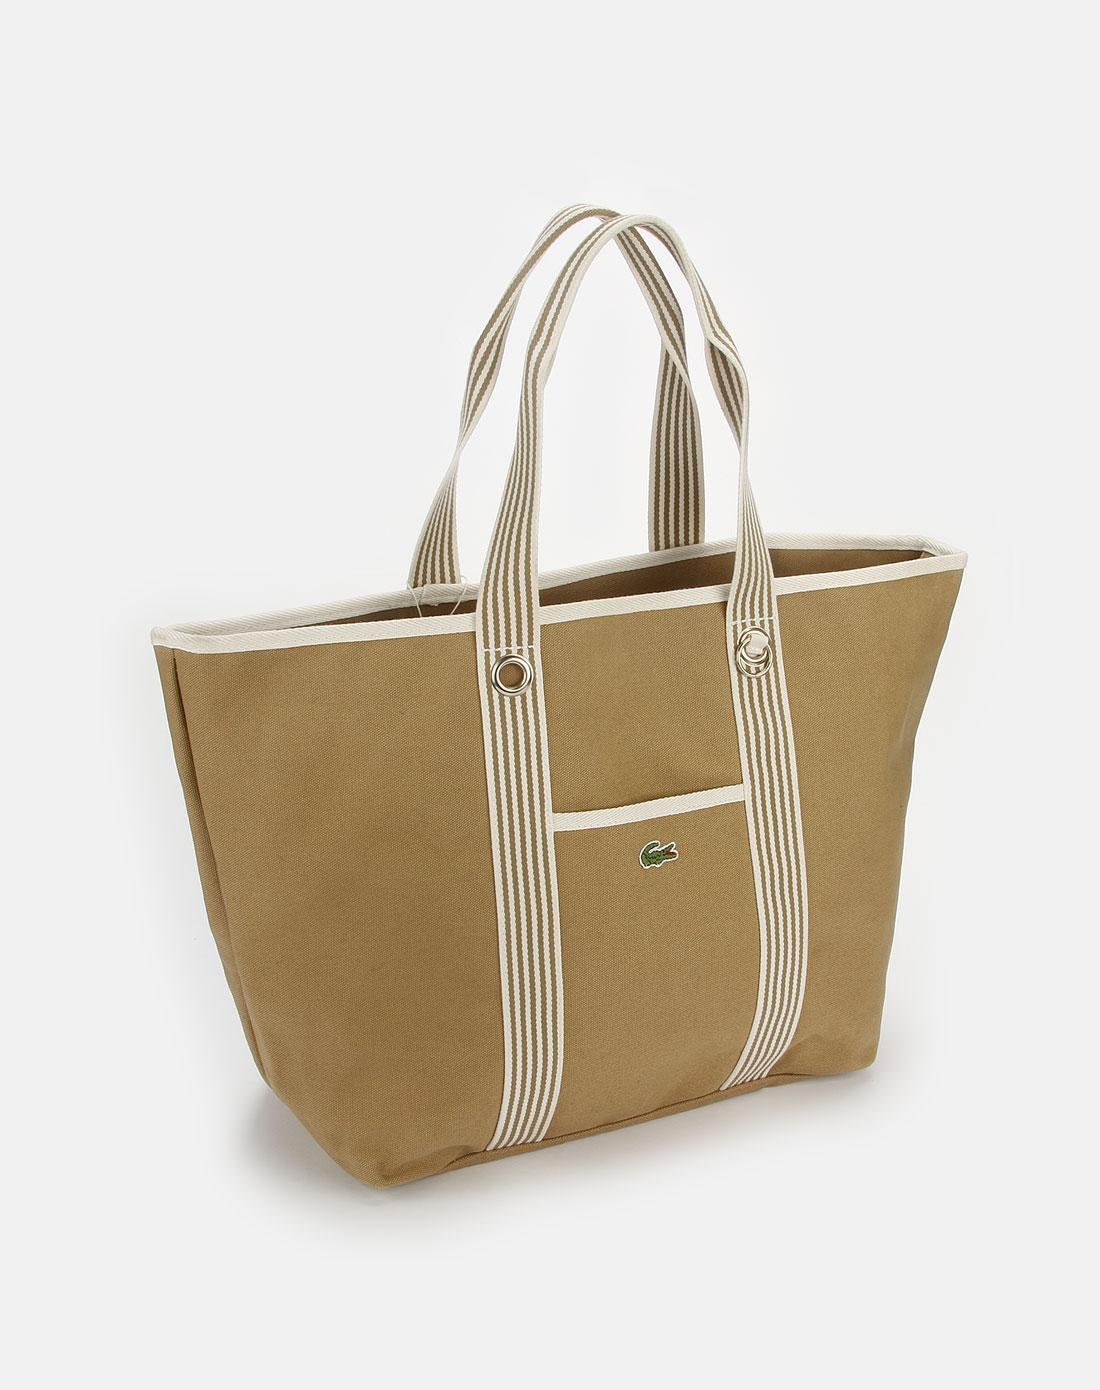 法国鳄鱼包包lacoste茶色休闲购物包